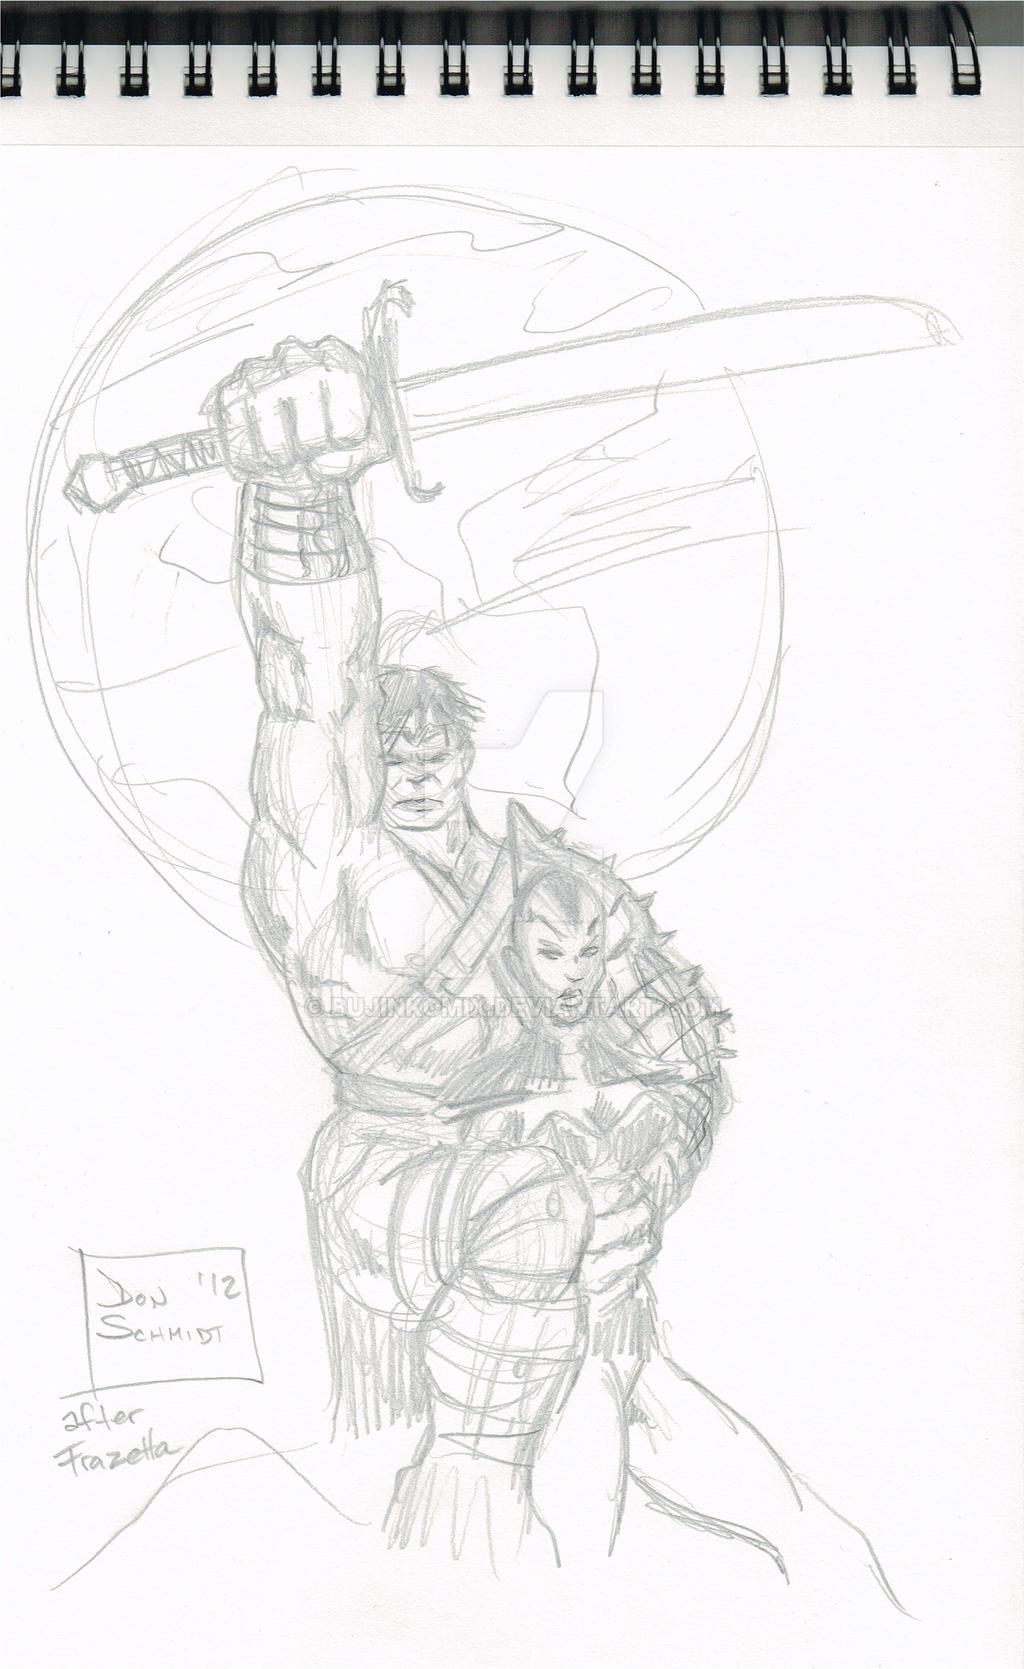 2012-12-12-DSC - World War Hulk Frazetta Homage